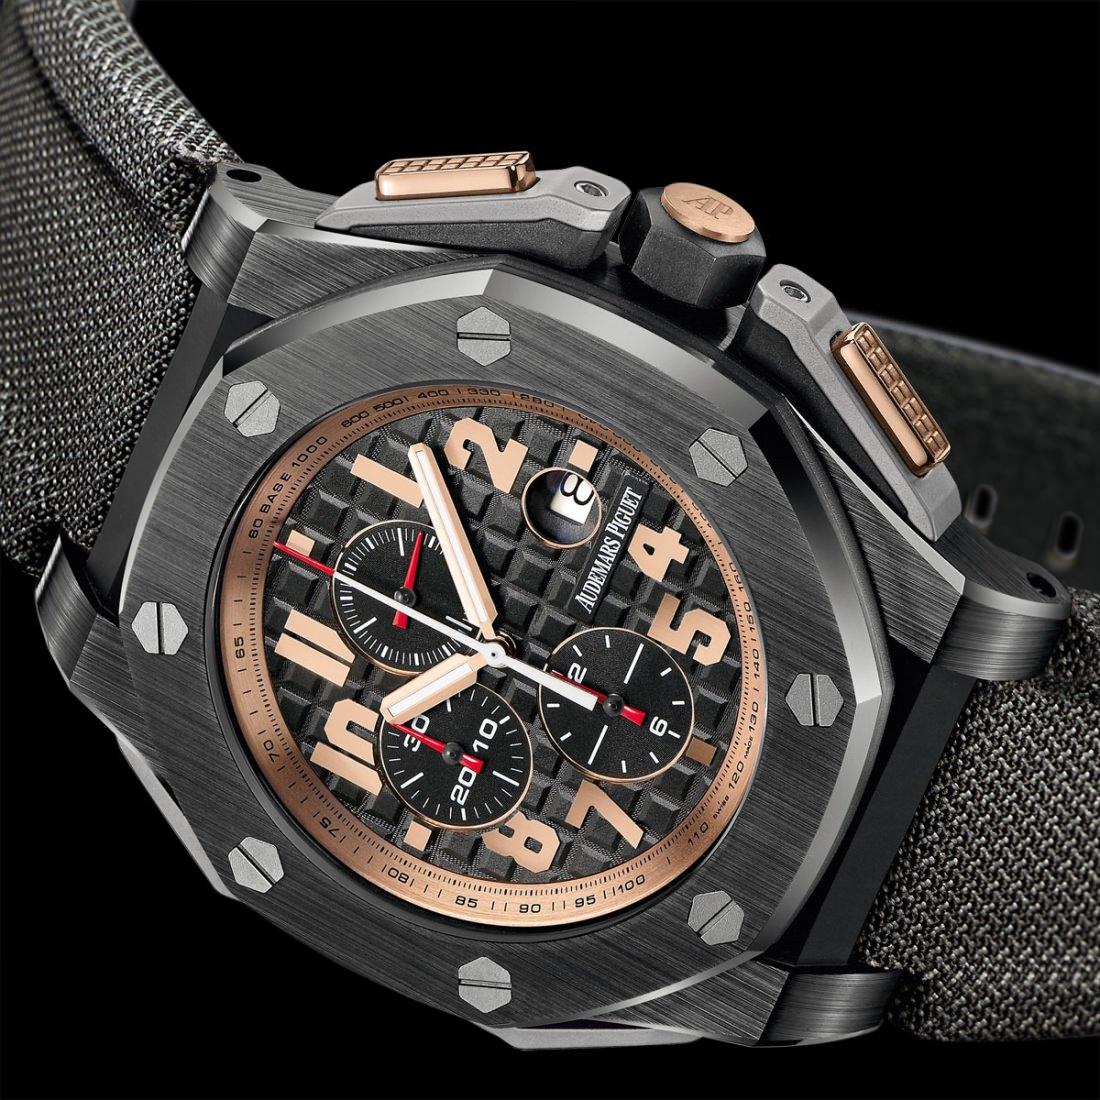 Chronographe-Royal-Oak-Offshore-Arnold-Schwarzenegger-4